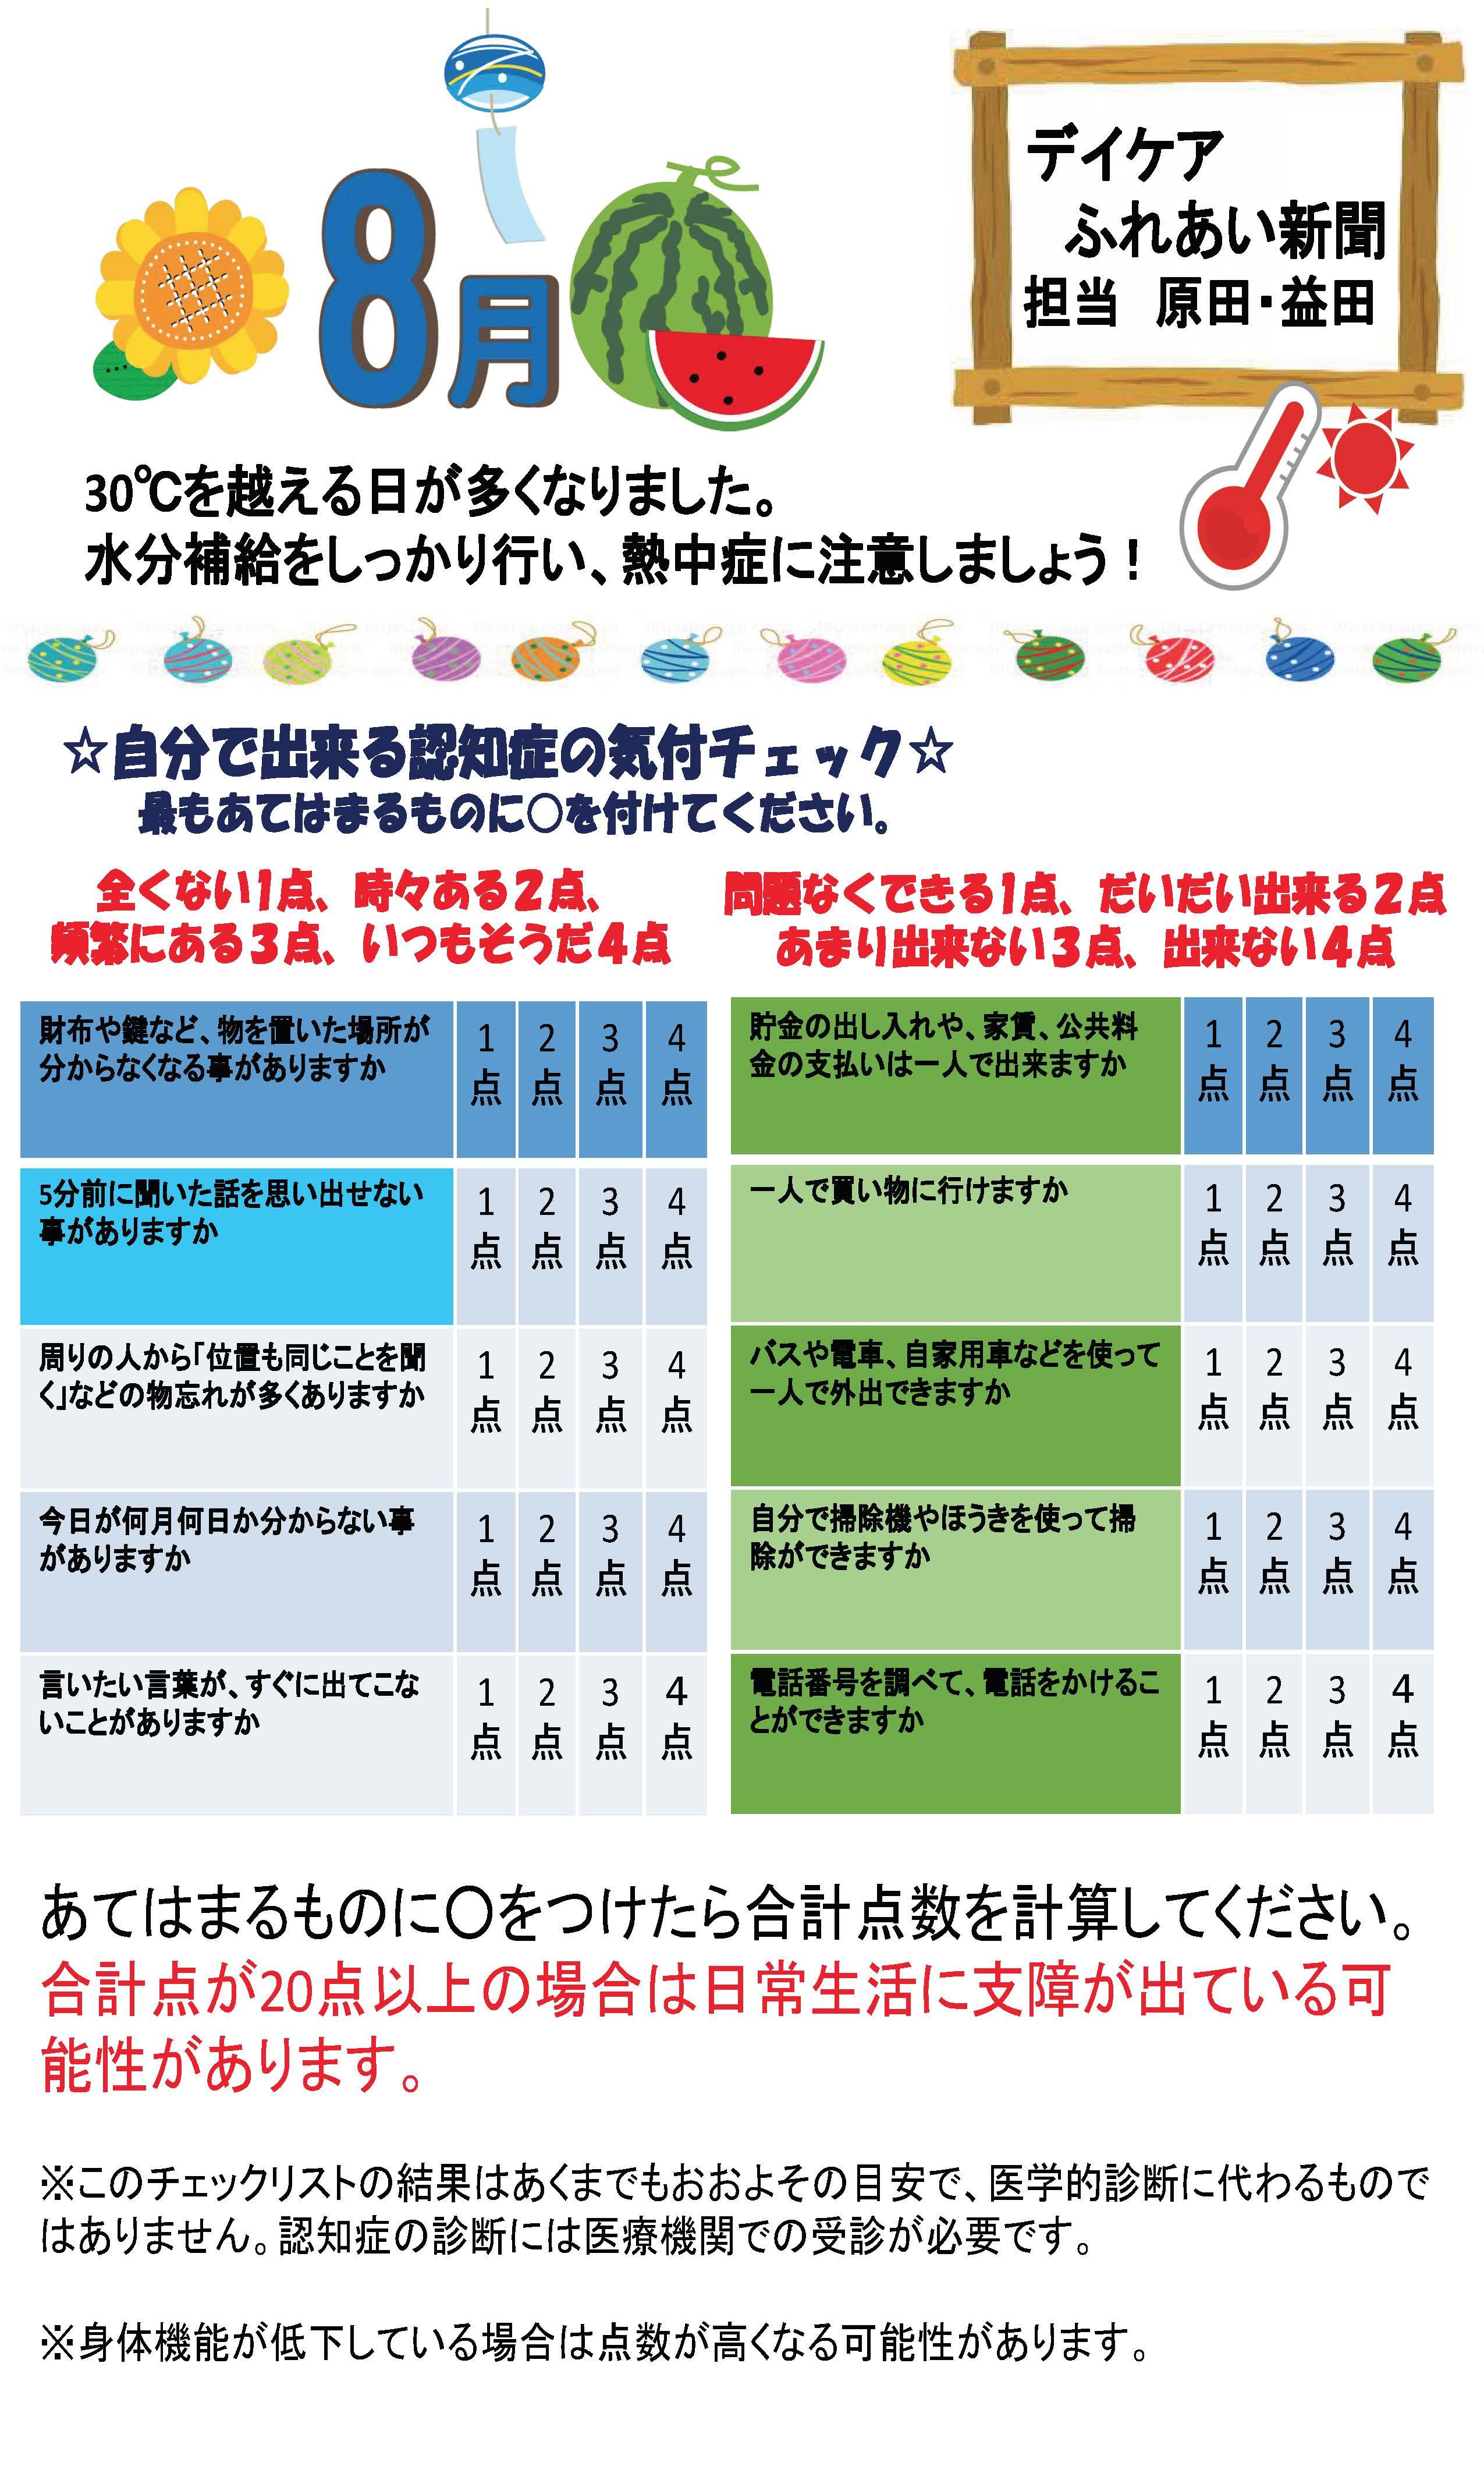 デイケアふれあい新聞 担当:原田・益田 30℃を越える日が多くなりました。水分補給をしっかり行い、熱中症に注意しましょう! ☆自分で出来る認知症の気付チェック☆最もあてはまるものに○を付けてください。全くない1点、時々ある2点、頻繁にある3点、いつもそうだ4点問題なくできる1点、だいだい出来る2点 あまり出来ない3点、出来ない4点 あてはまるものに○をつけたら合計点数を計算してください。合計点が20点以上の場合は日常生活に支障が出ている可能性があります。※このチェックリストの結果はあくまでもおおよその目安で、医学的診断に代わるものではありません。認知症の診断には医療機関での受診が必要です。※身体機能が低下している場合は点数が高くなる可能性があります。